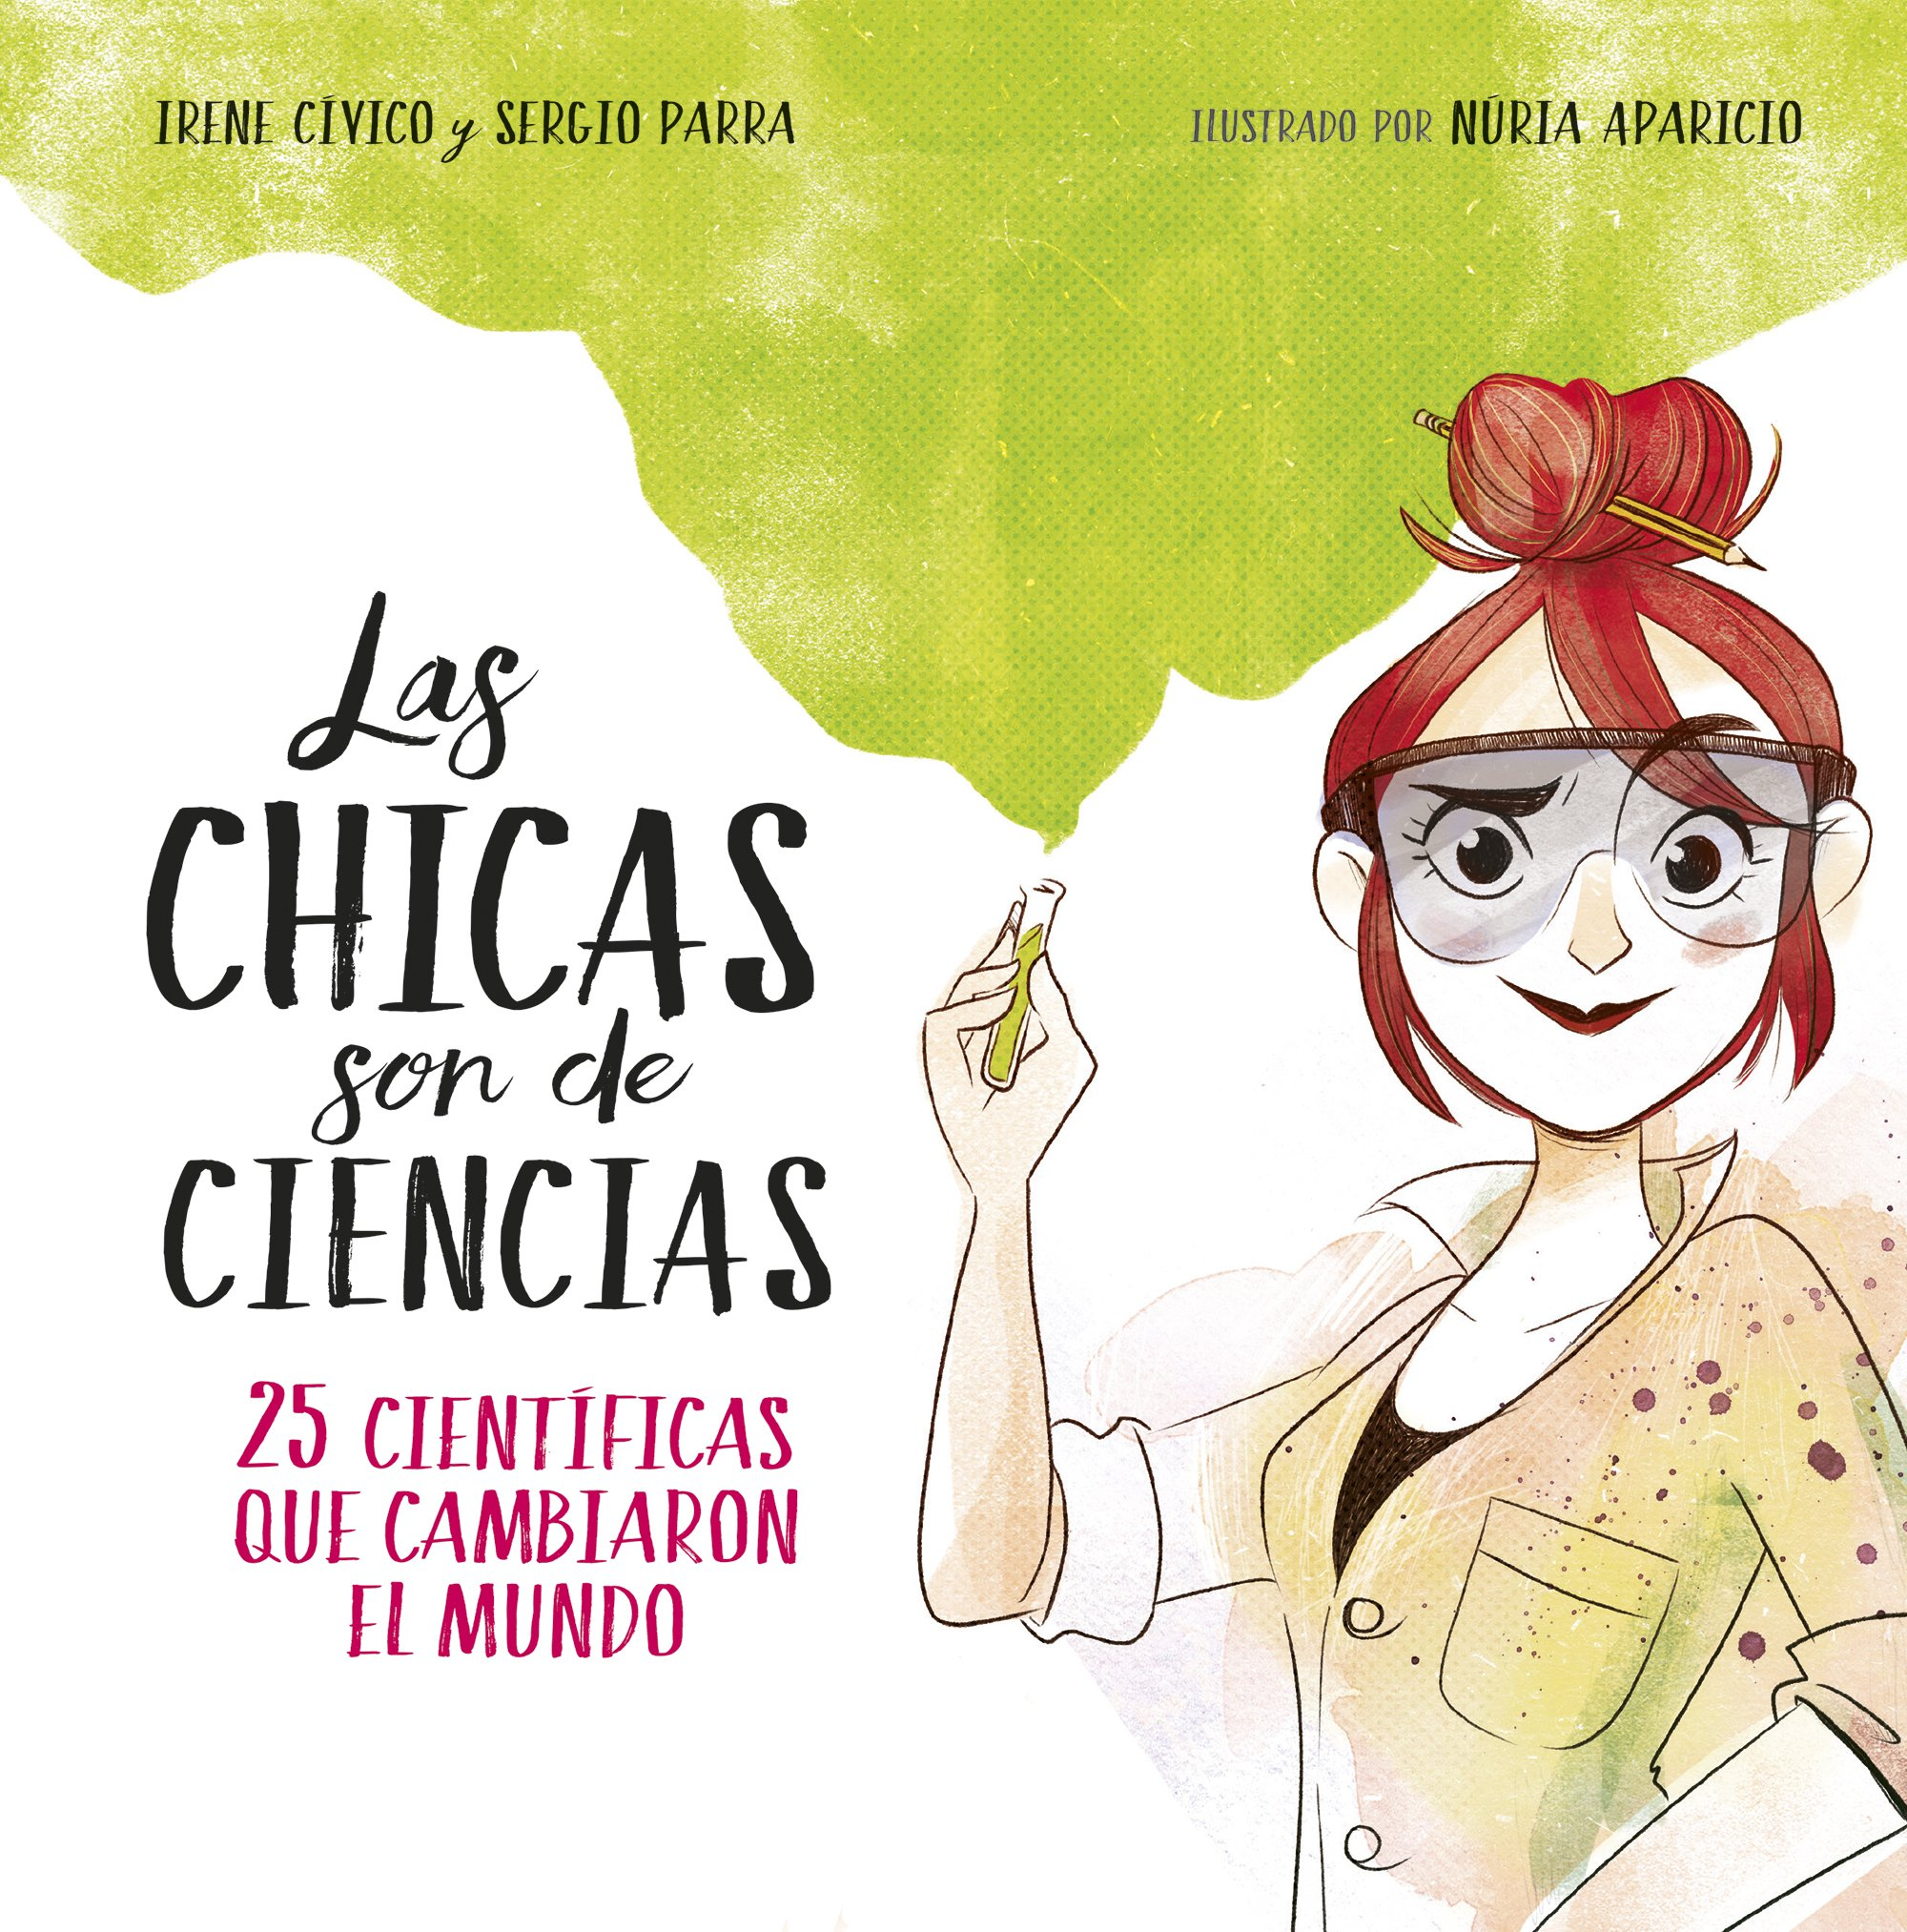 Resultado de imagen de Las chicas son de ciencias, Irene Cívico, Sergio Parra